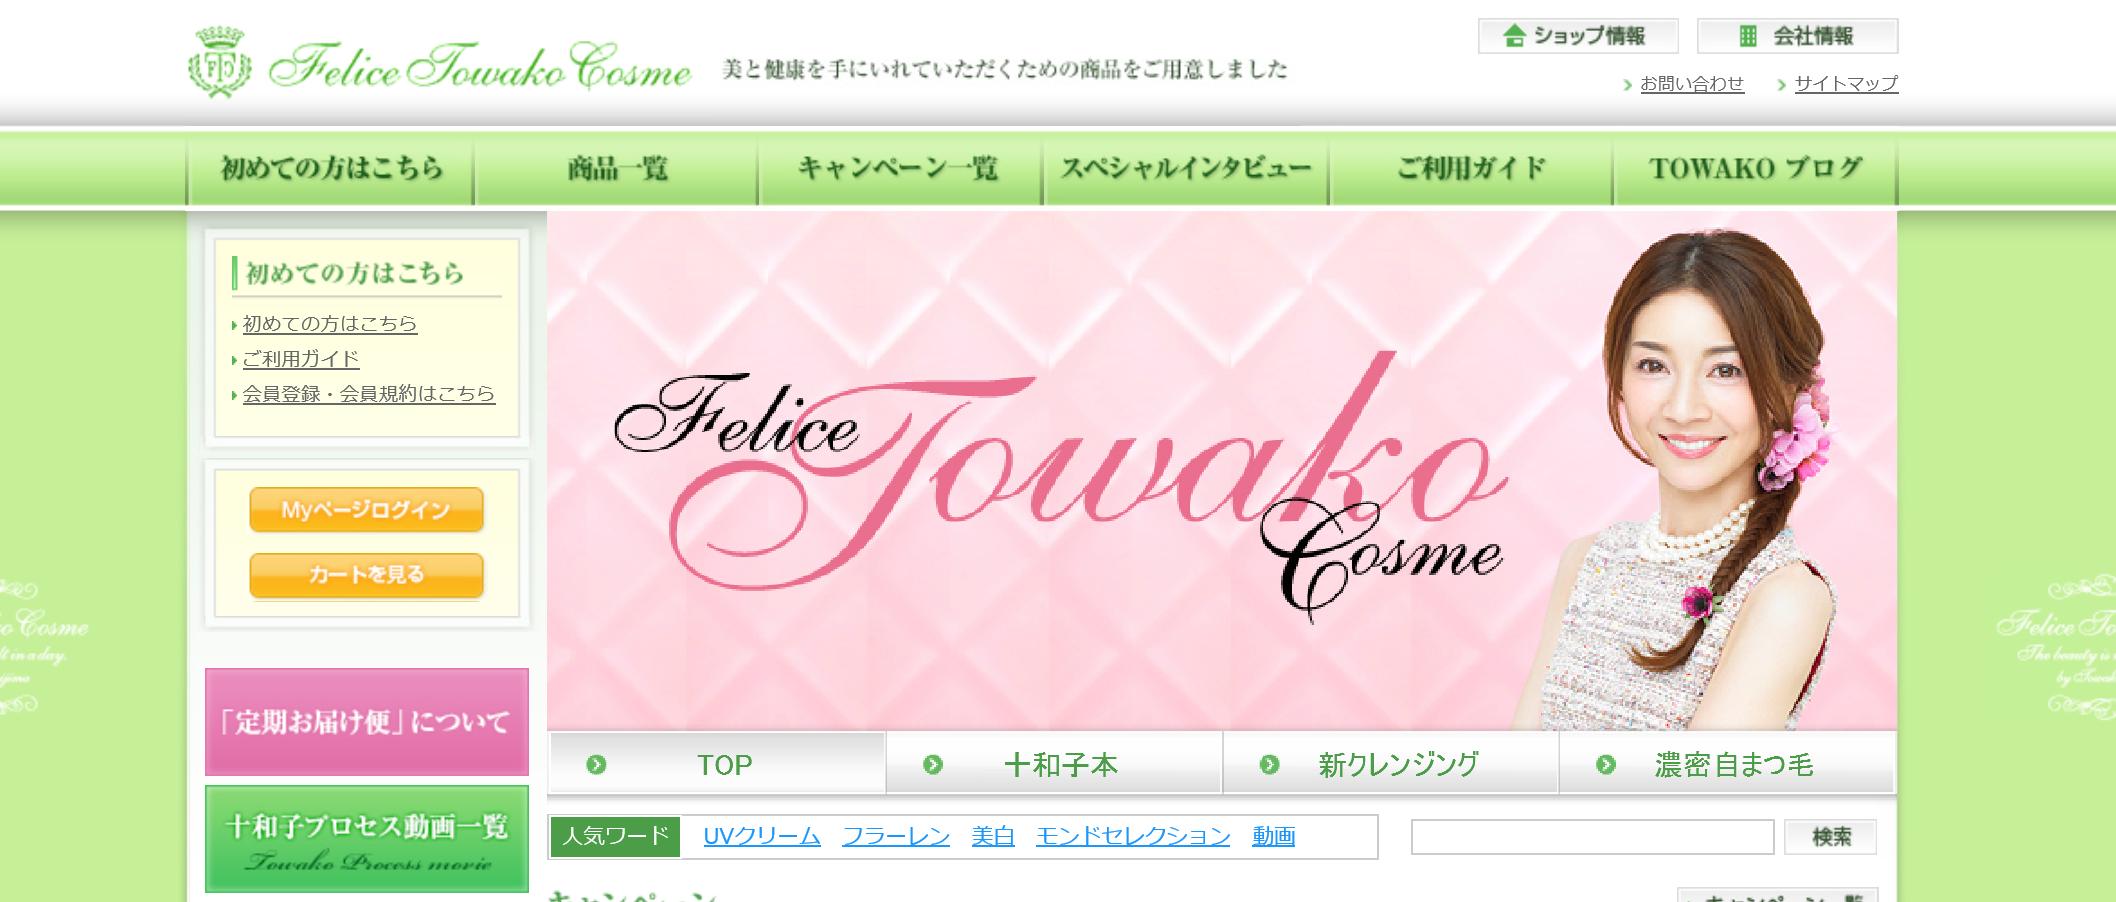 towako